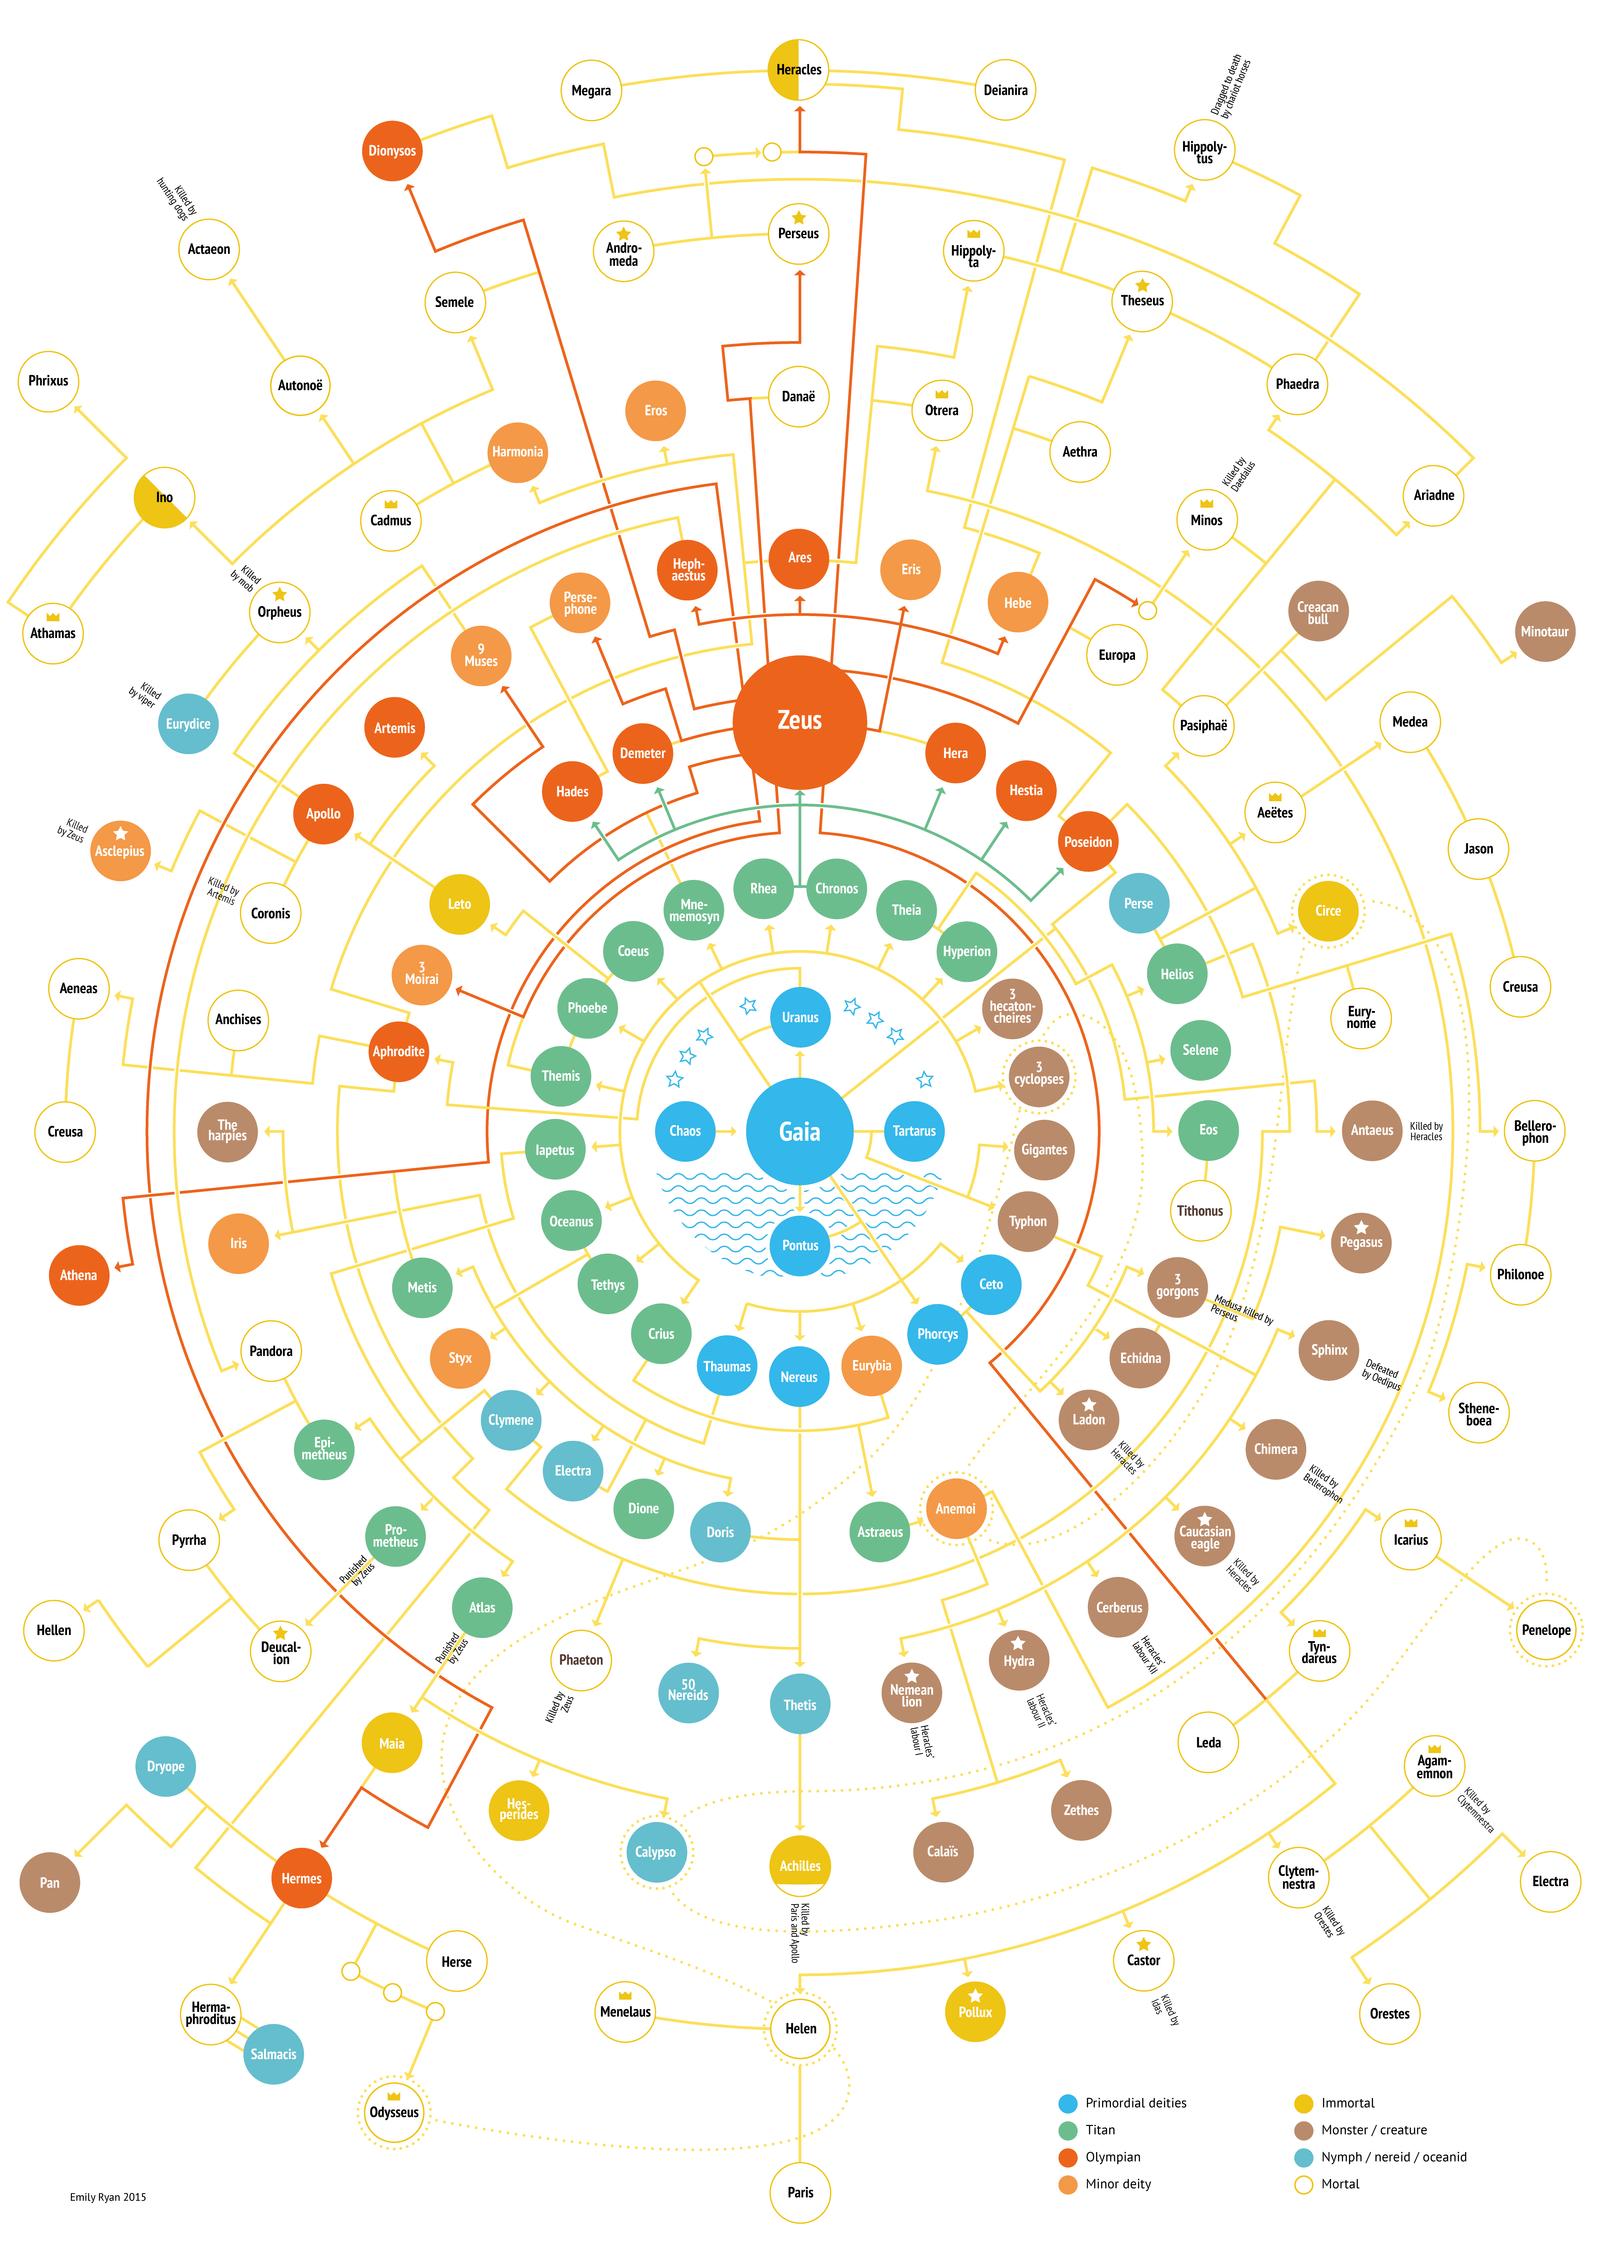 Olympian family tree v.4 by Aeonna